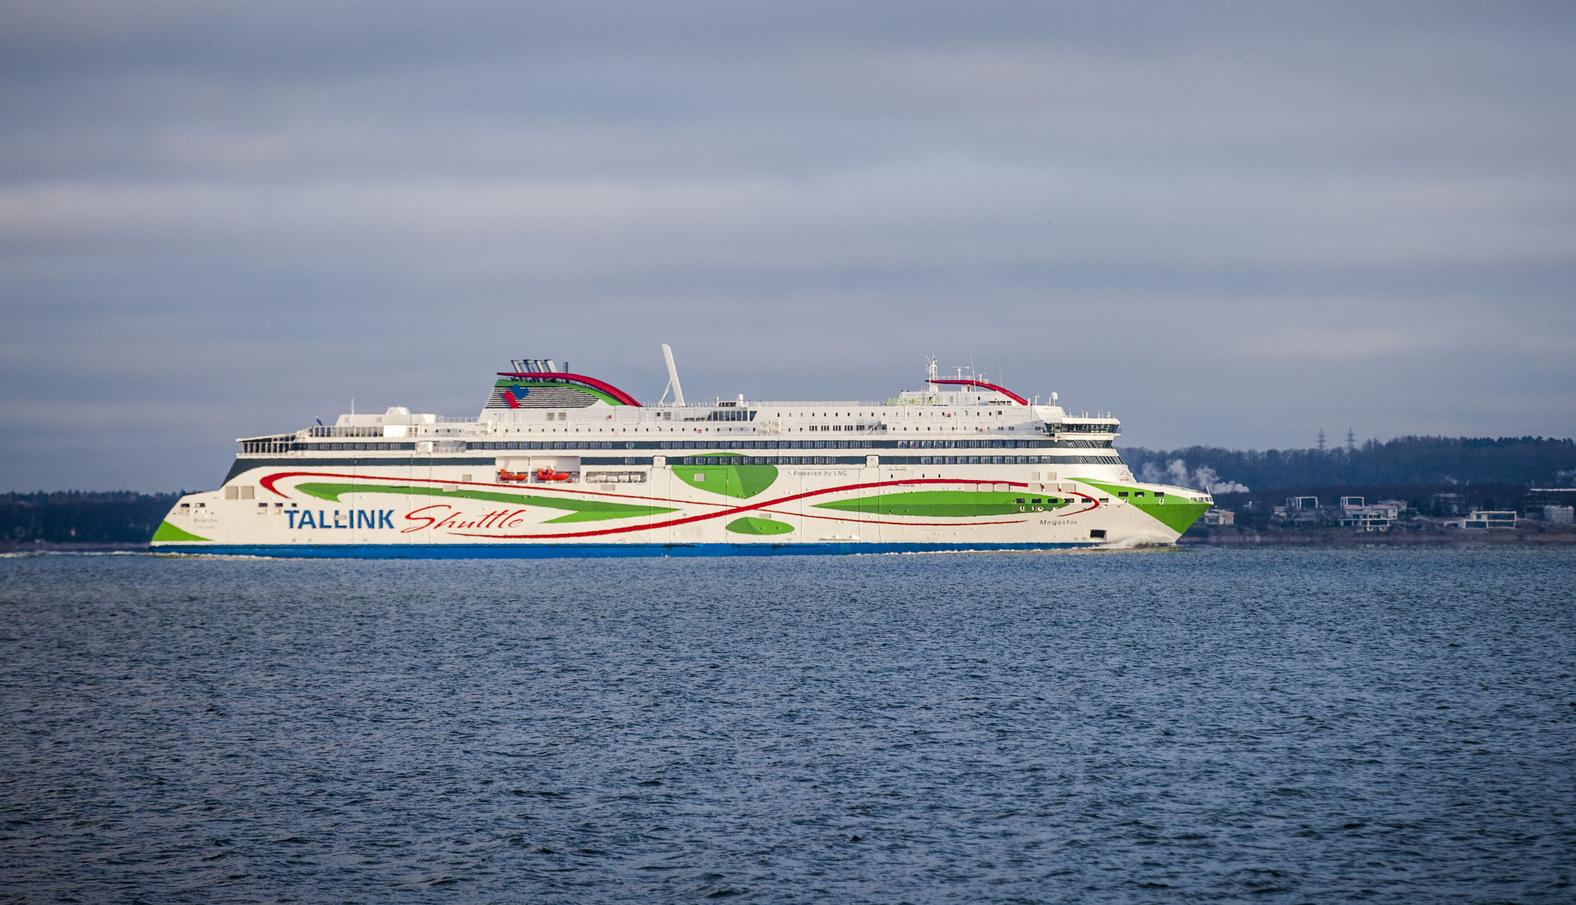 Tallink Tallinna Helsinki